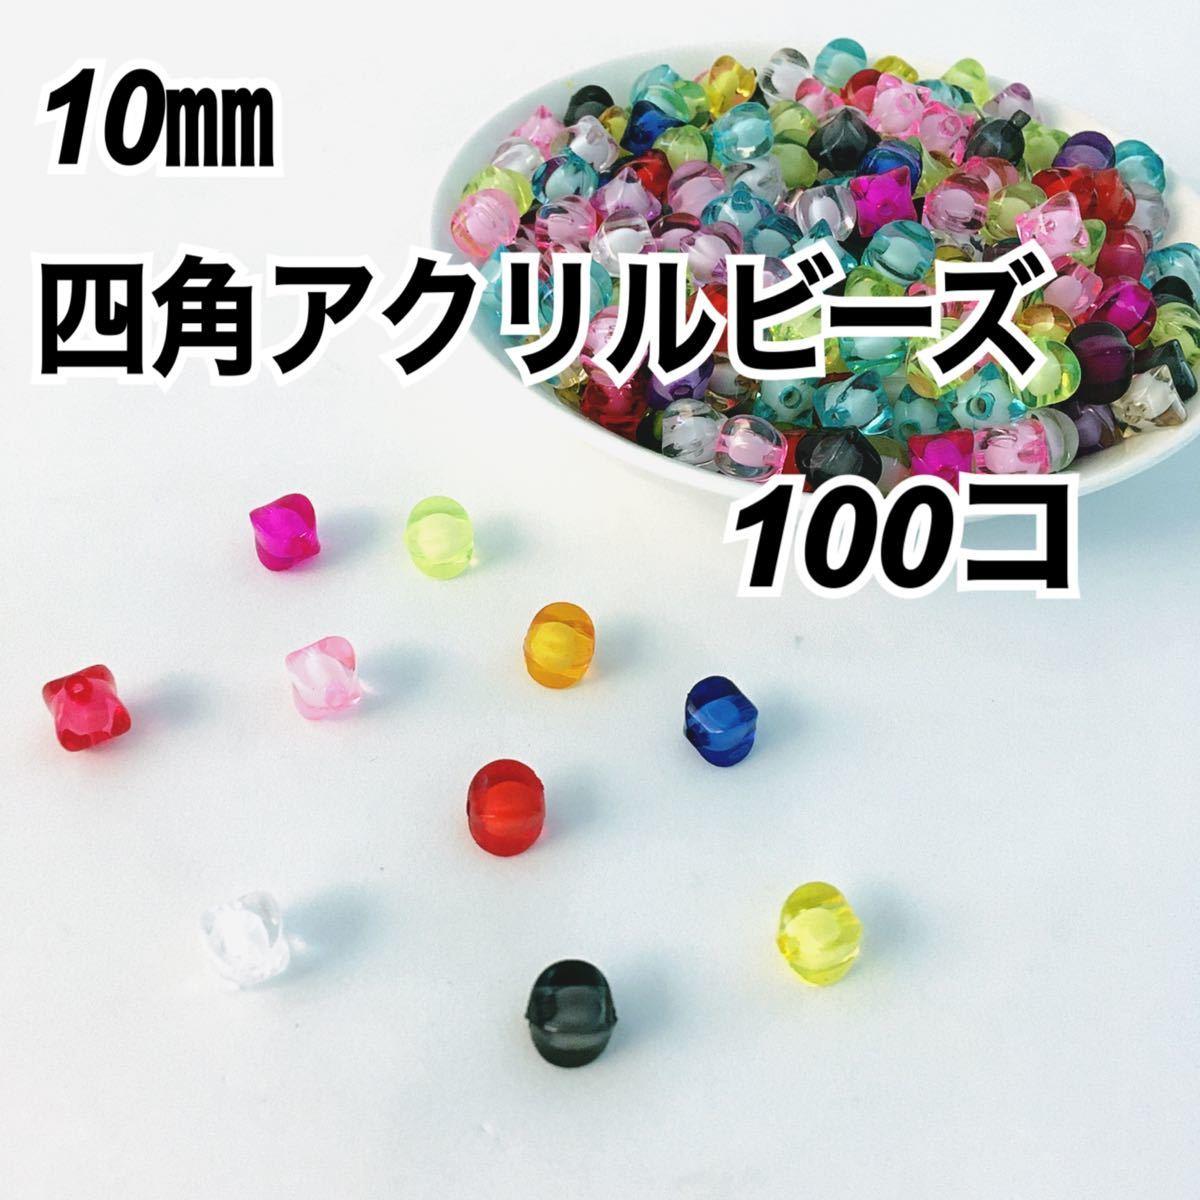 【ビーズパーツ】10mm四角アクリルビーズ(ランダムミックスカラー)100コ